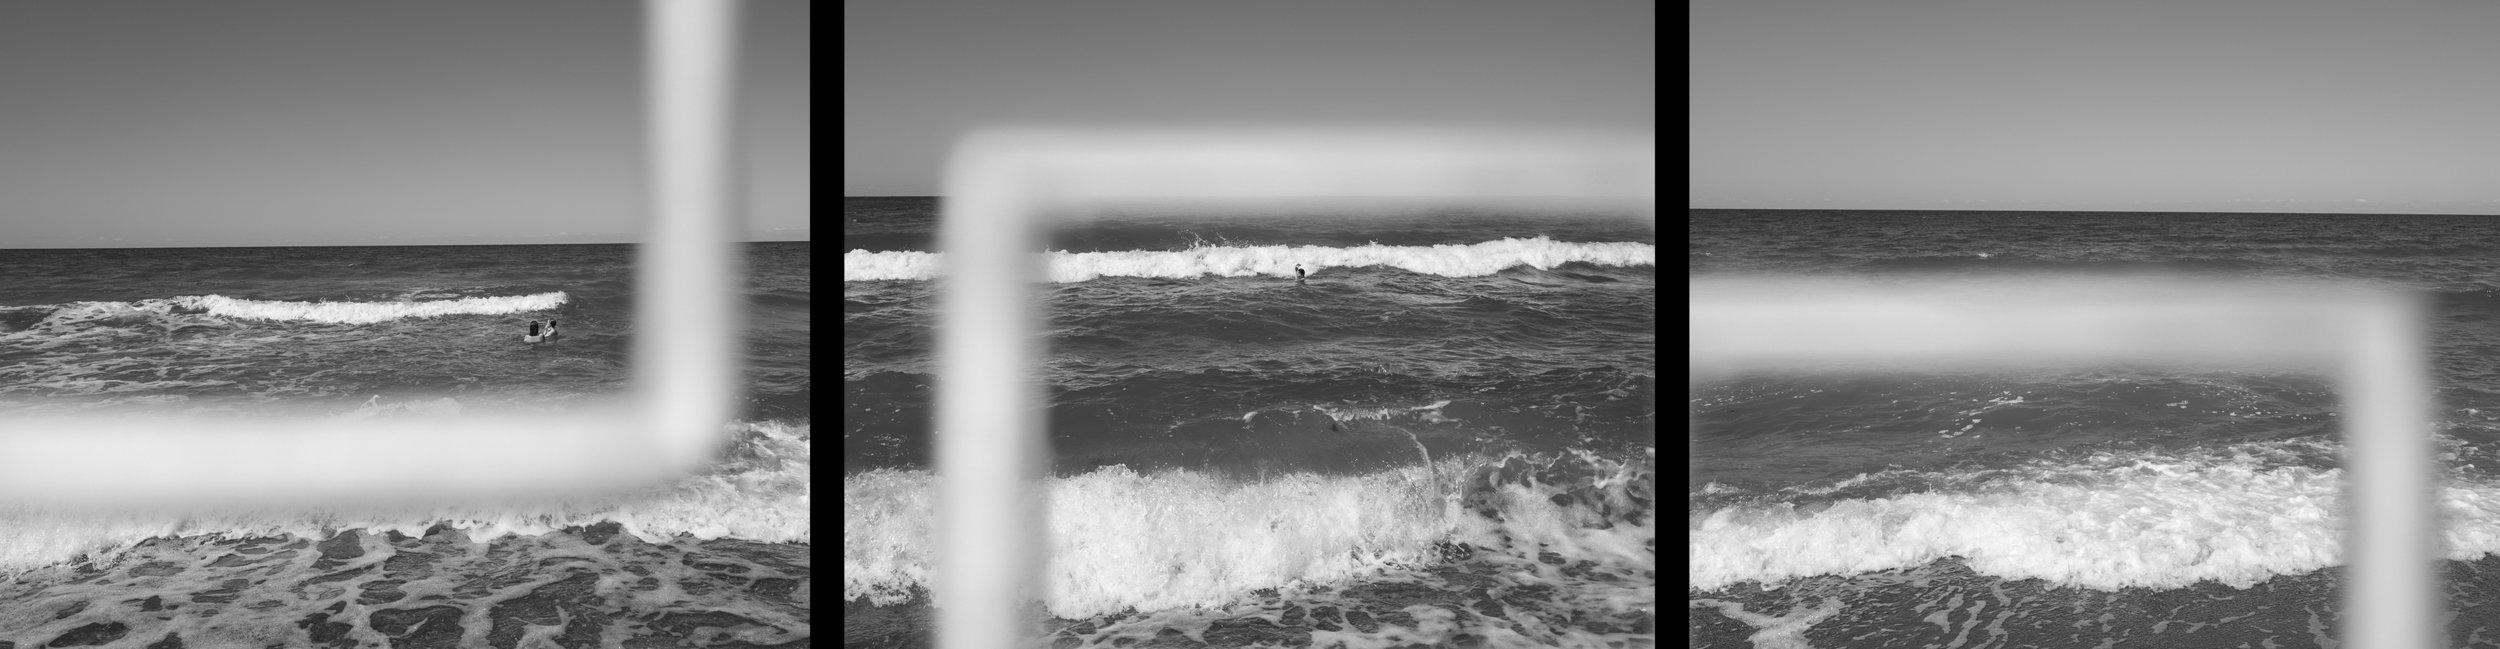 Gotland in summer